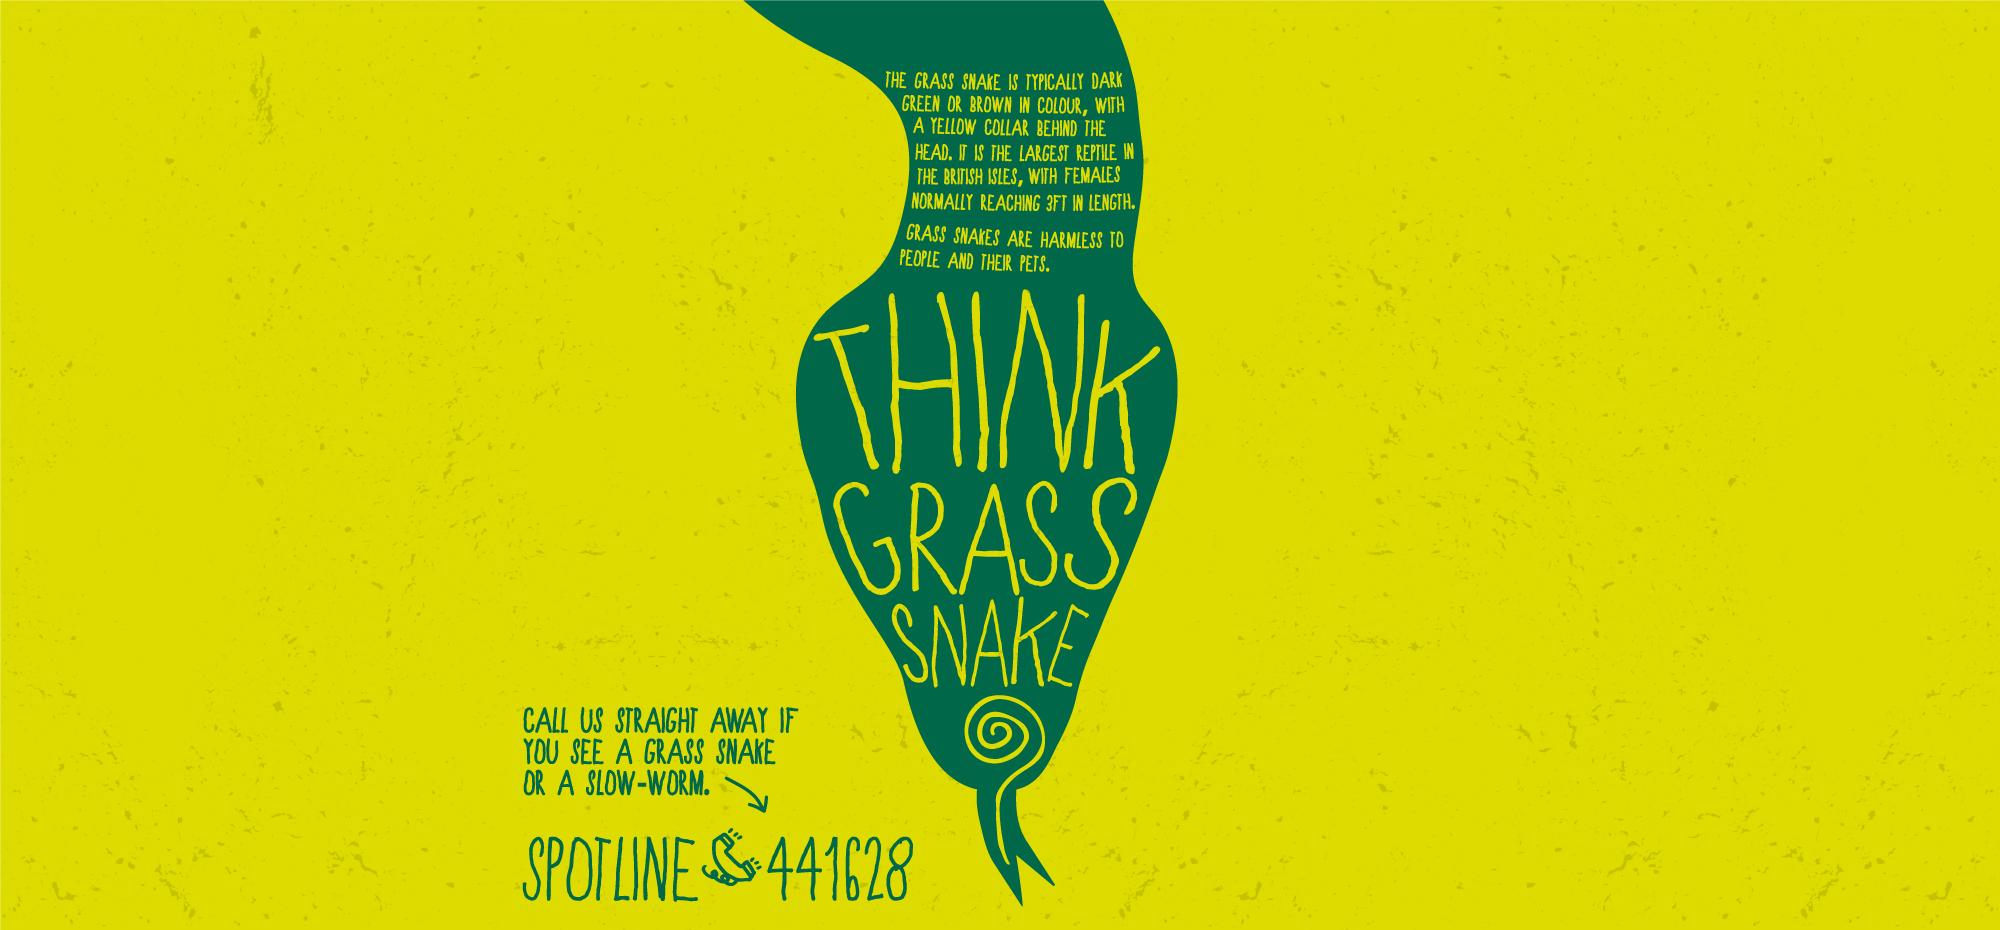 think grass snake